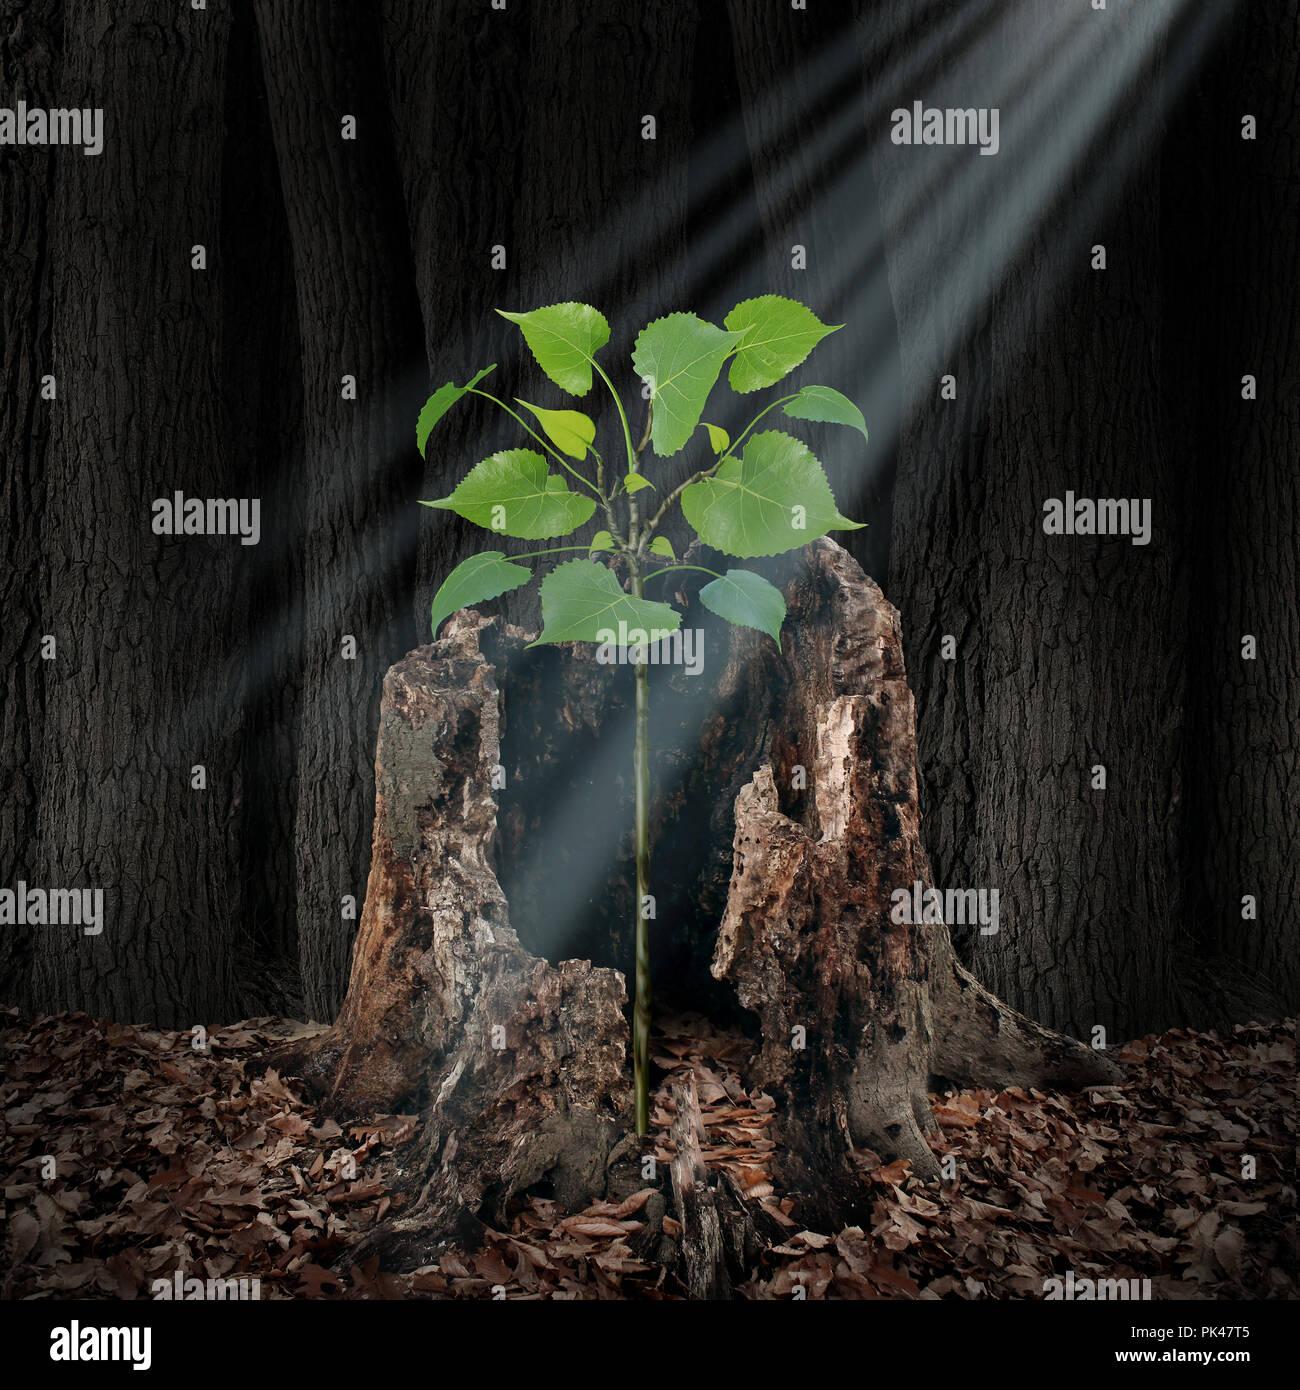 Creer y fe concepto como un rayo de luz que brilla desde arriba en un retoño que crecen fuera de un árbol muerto como una esperanza y espiritualidad idea. Imagen De Stock